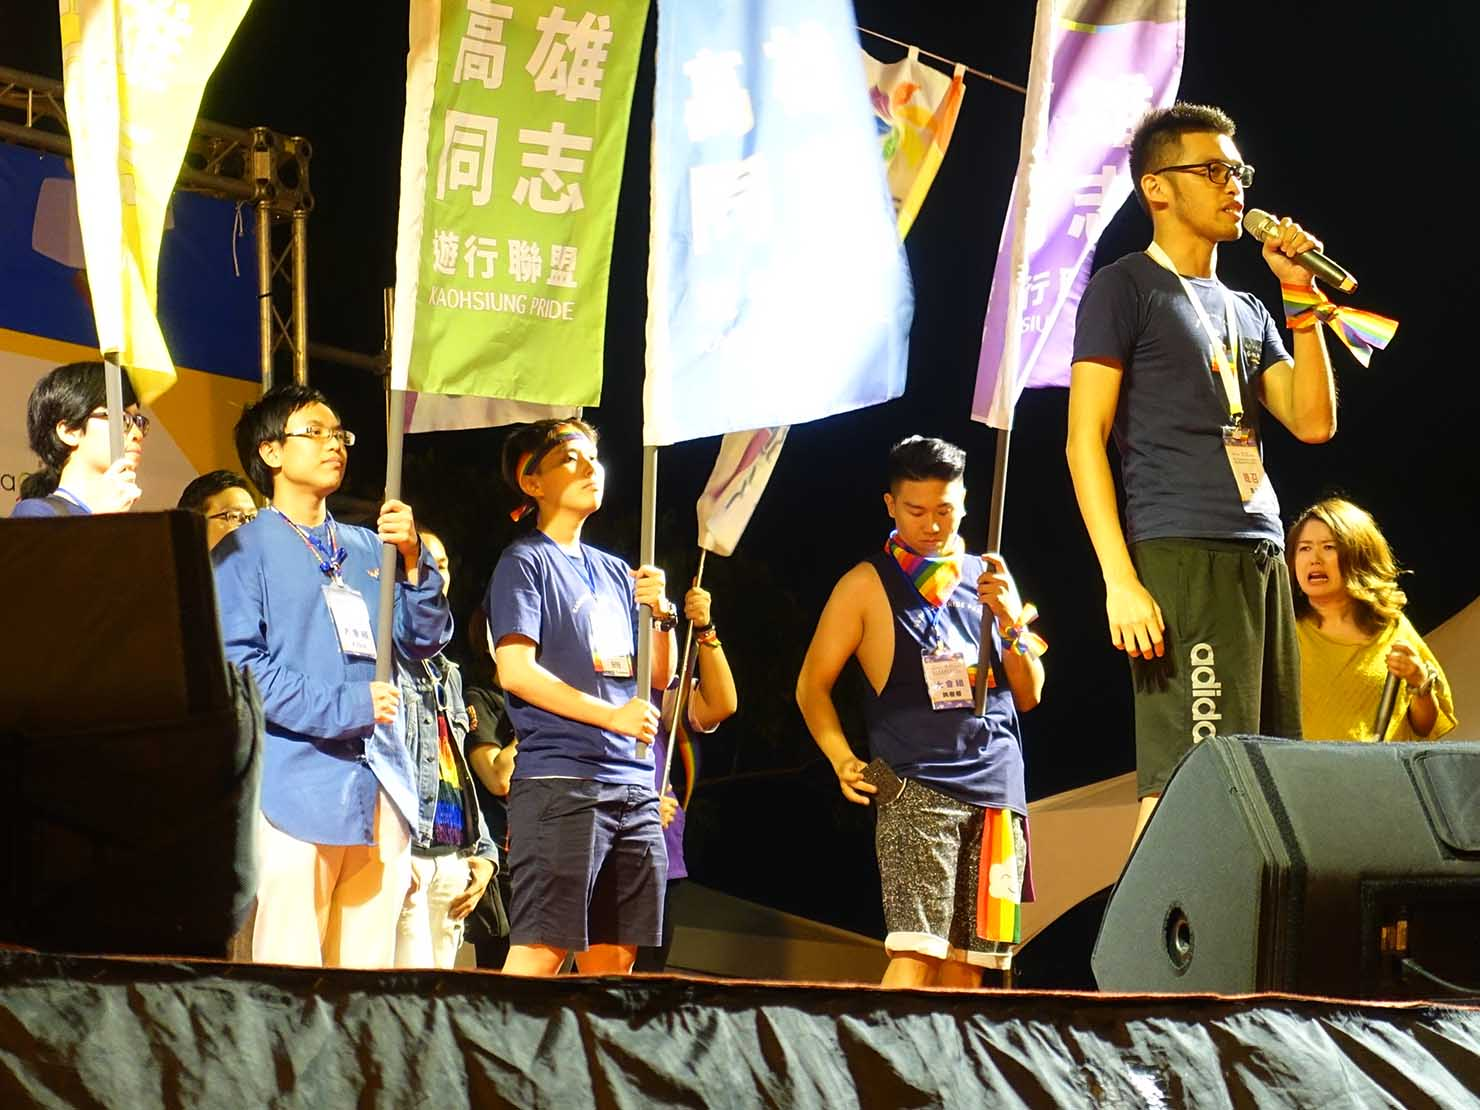 高雄同志大遊行(高雄プライド)2018特設ステージに登場する主催者